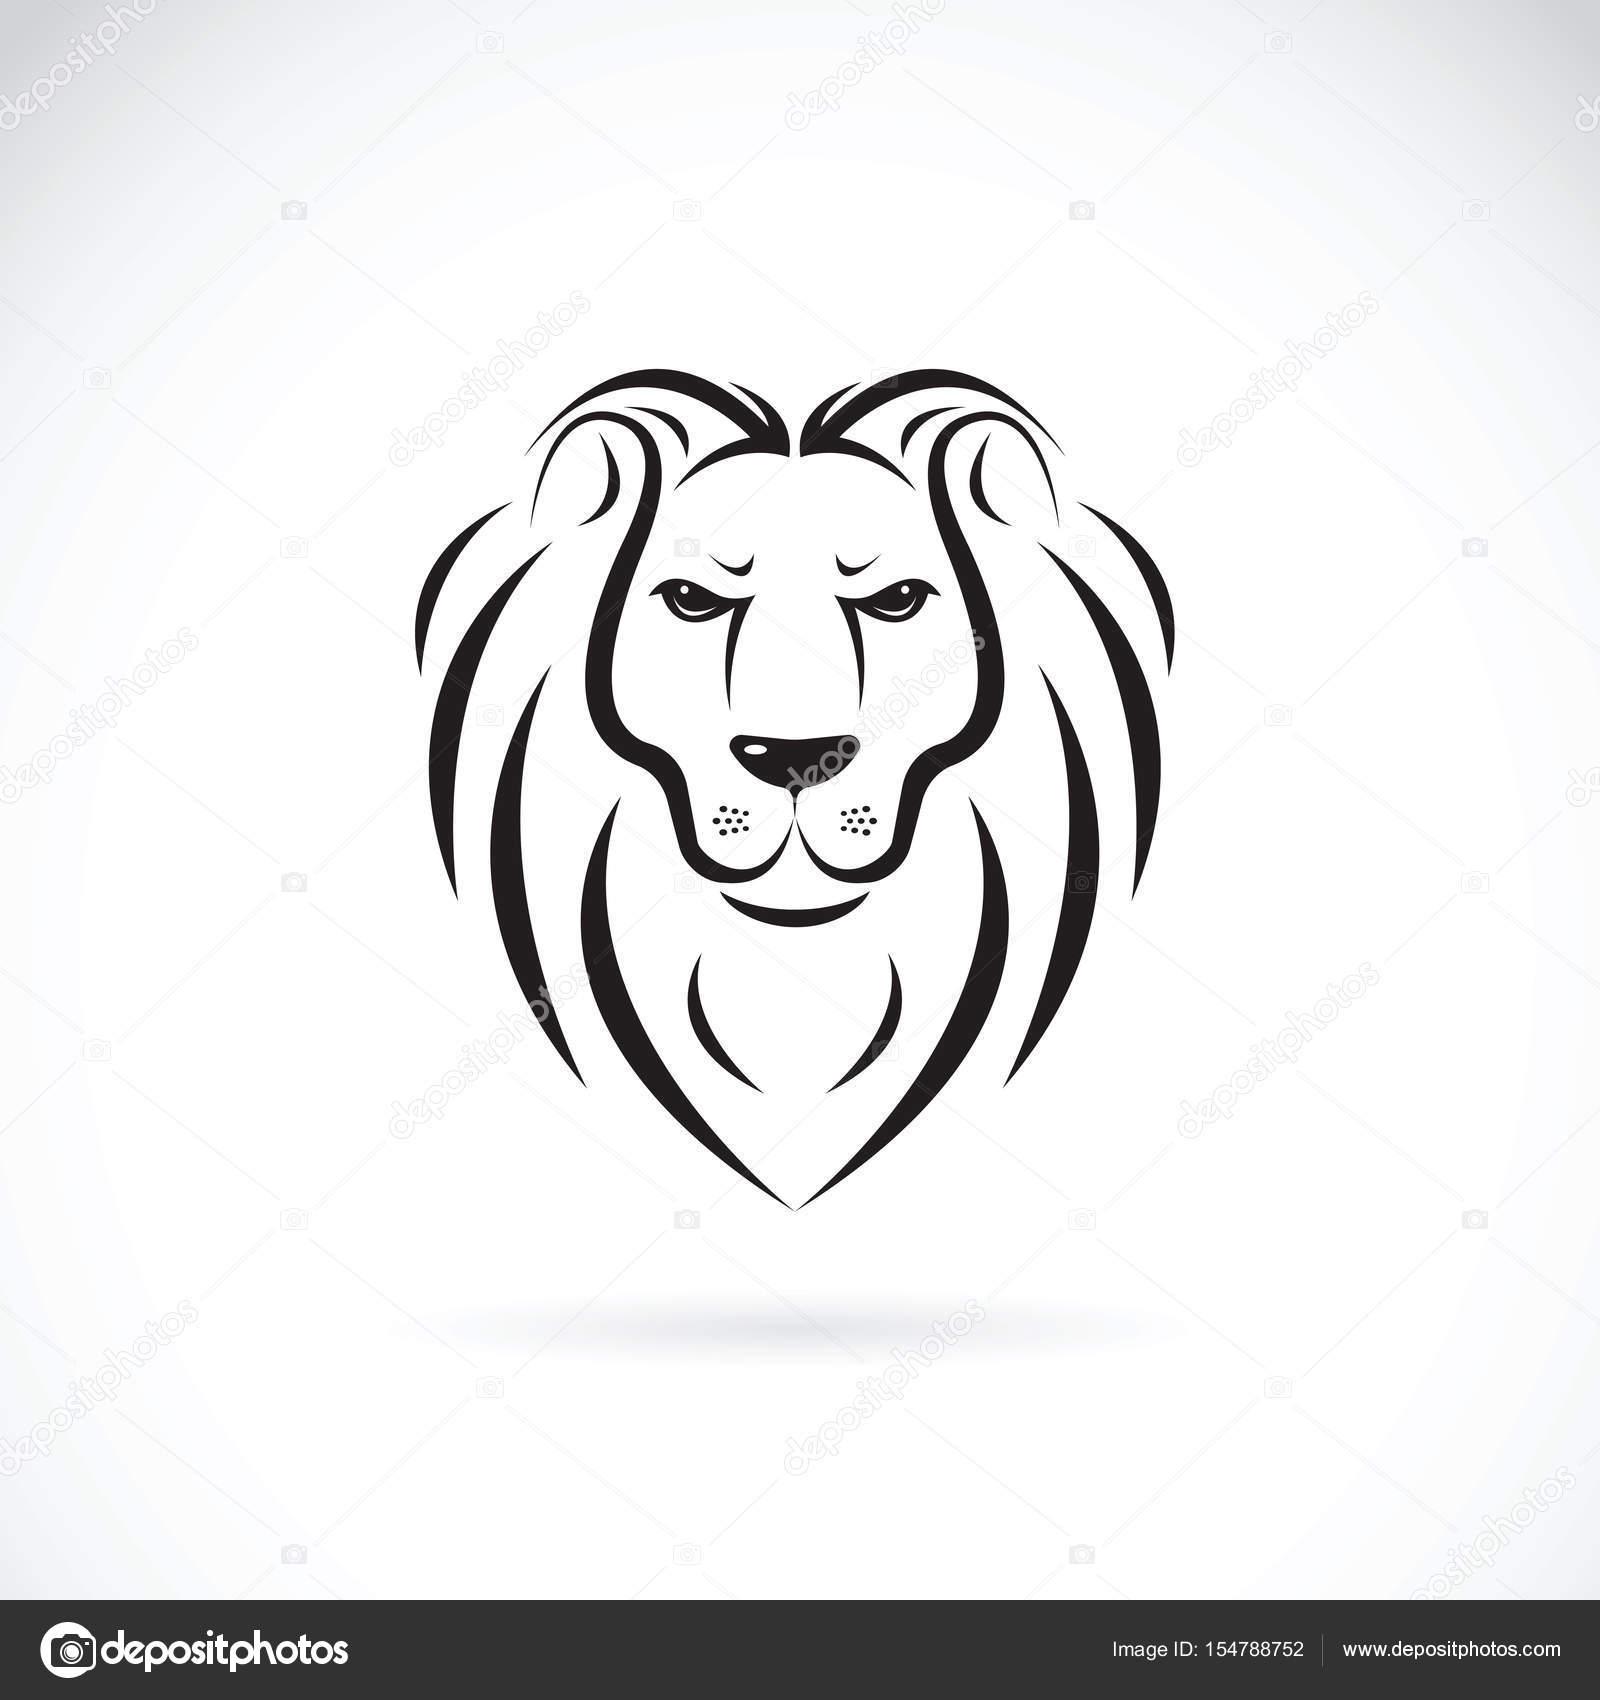 vecteur d un dessin de t te de lion sur fond blanc animaux sauvages image vectorielle yod67. Black Bedroom Furniture Sets. Home Design Ideas